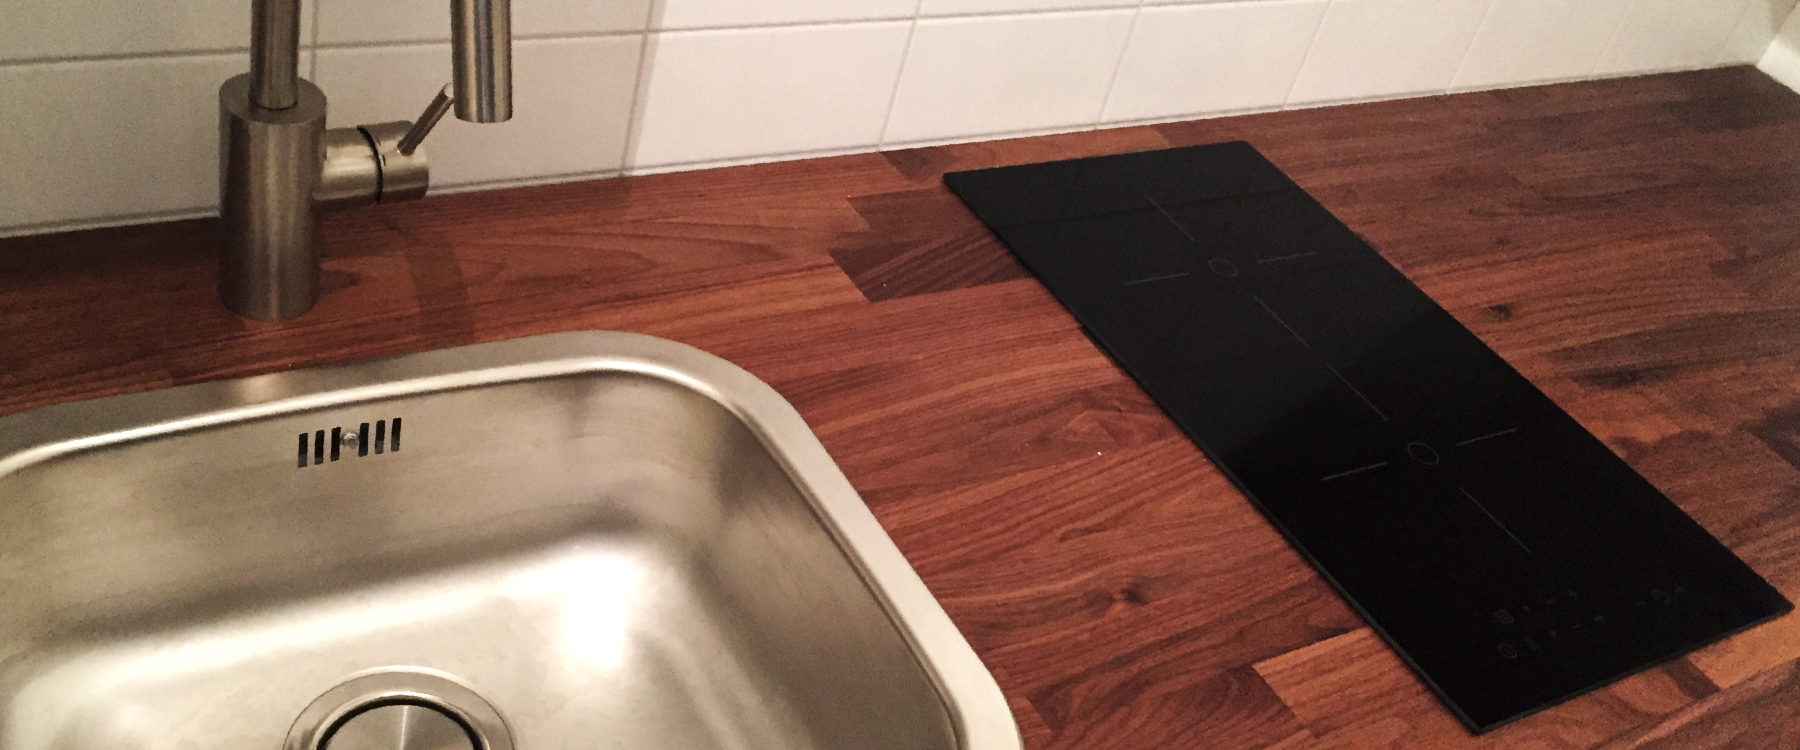 meine neue wohnung johannes. Black Bedroom Furniture Sets. Home Design Ideas